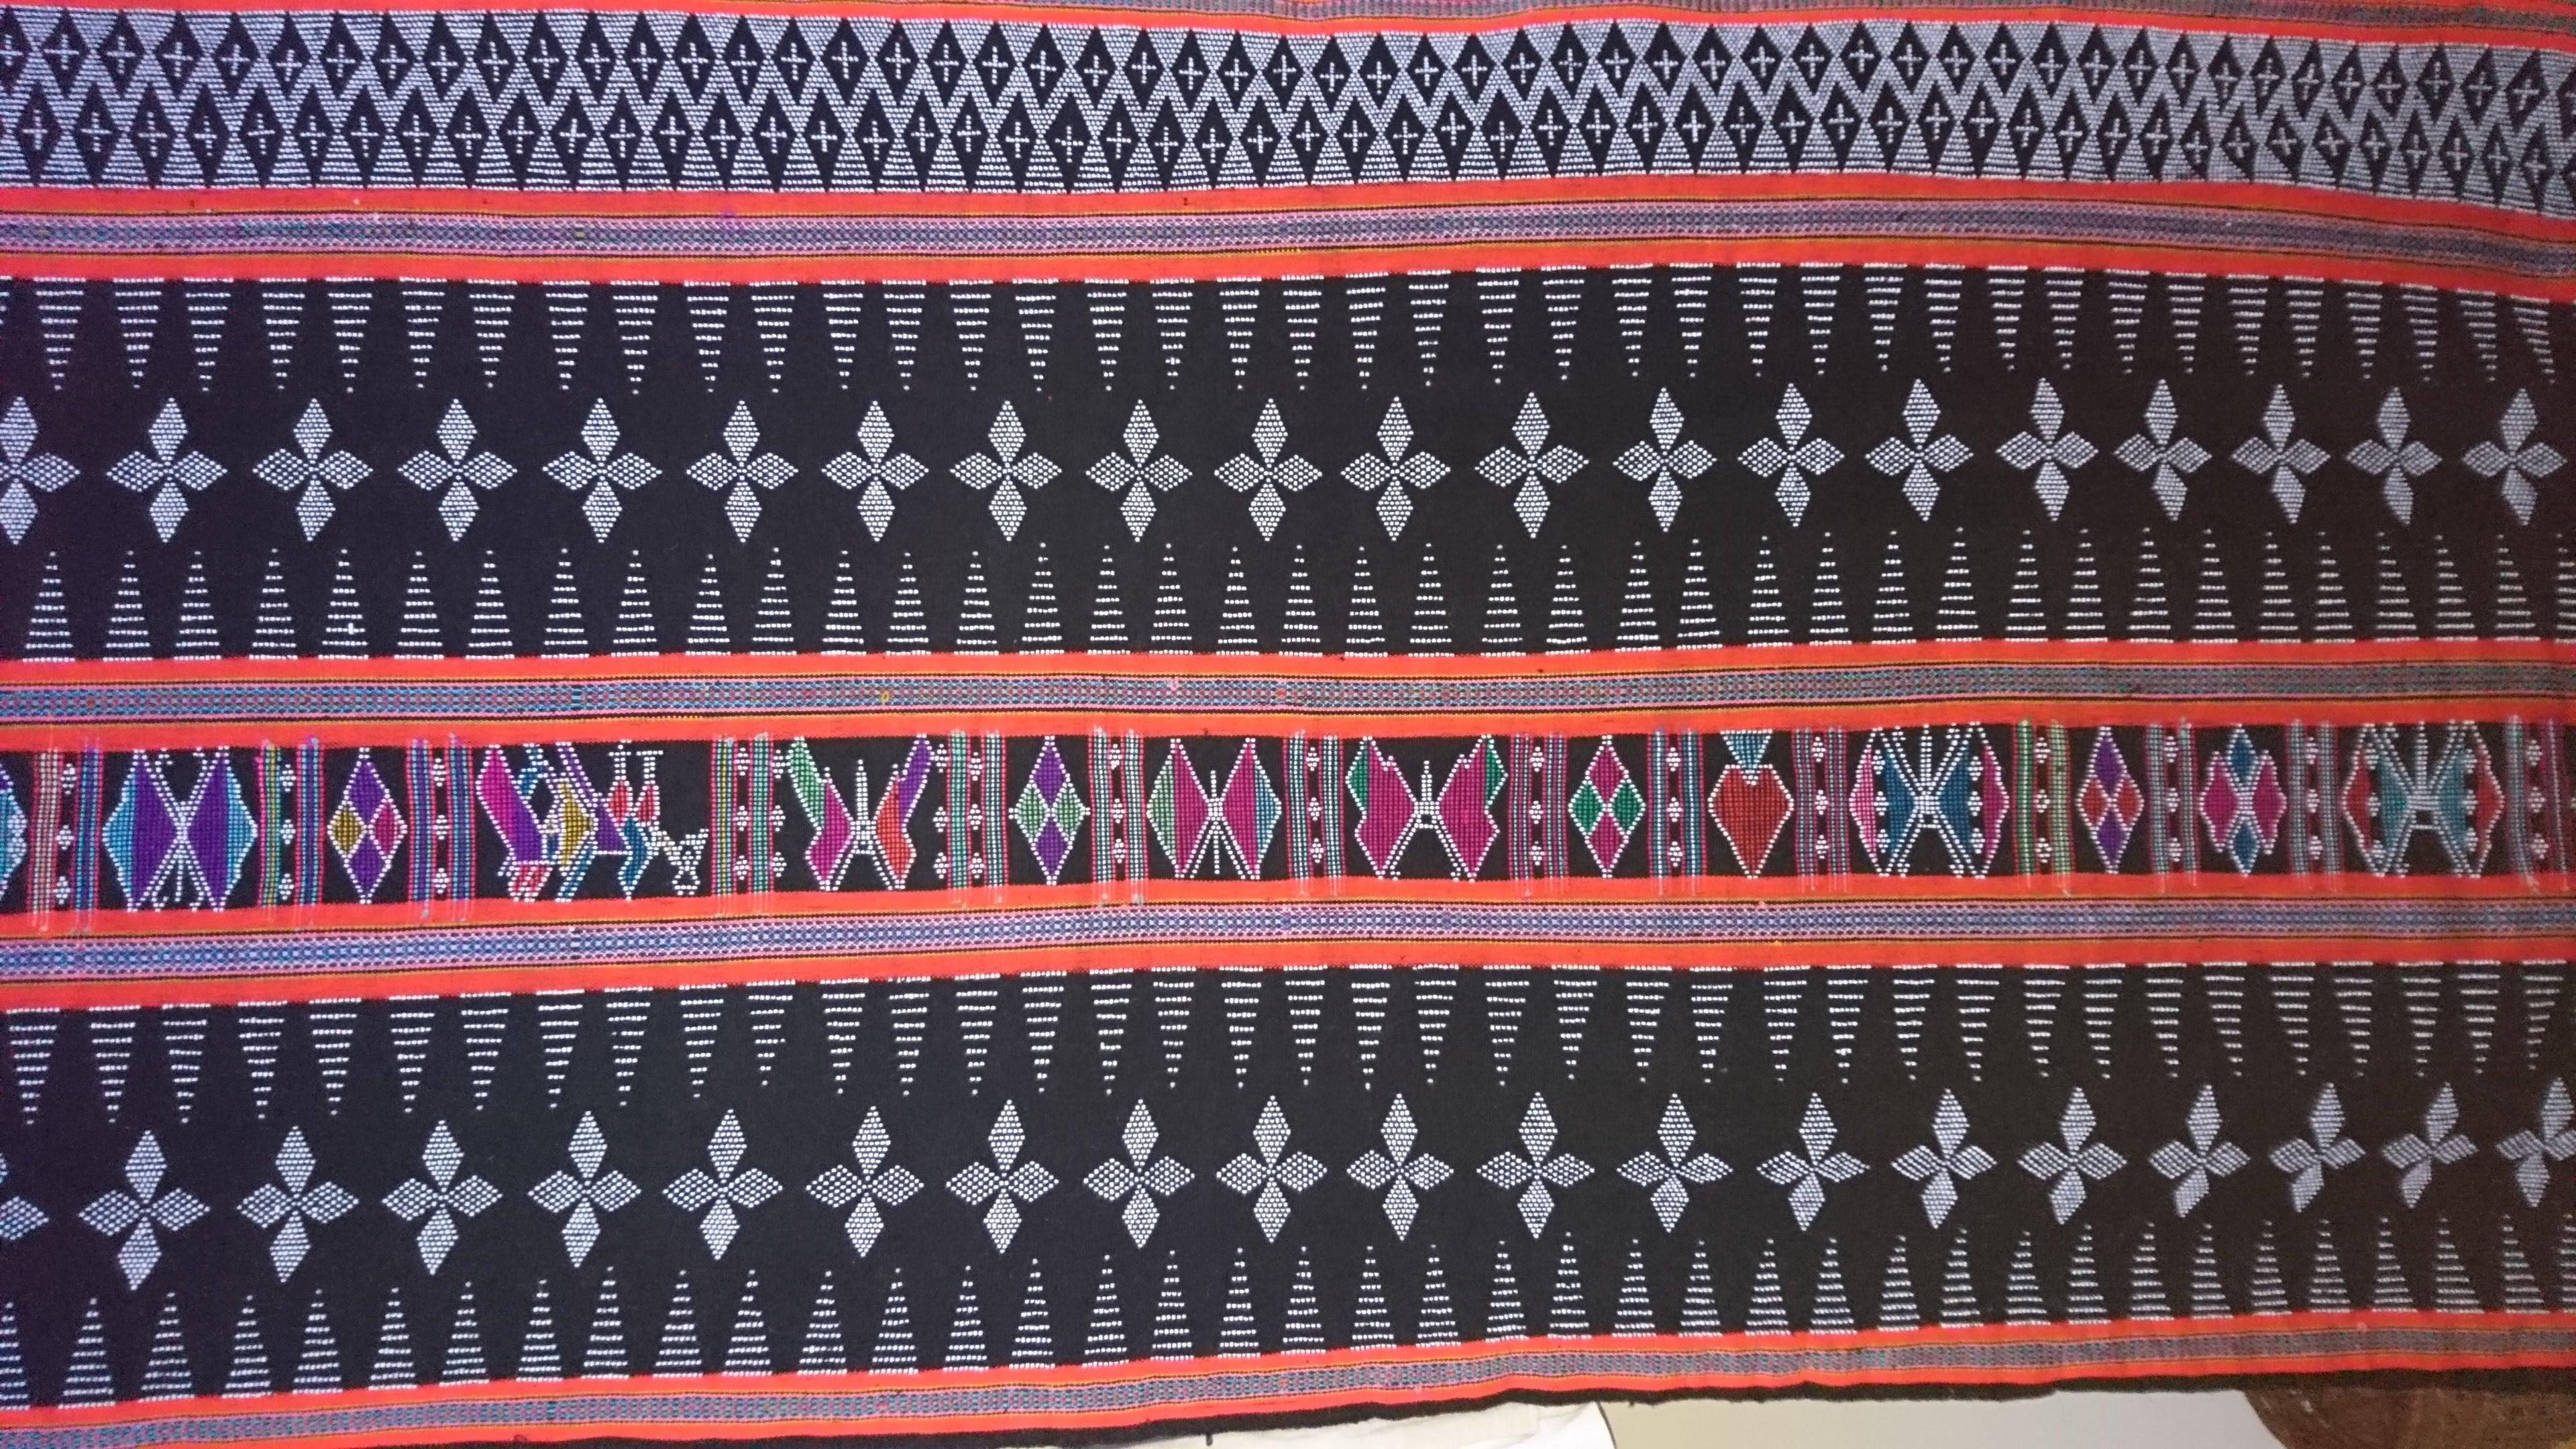 ターオイ族ビーズ入り手織りブロケードロング (ビーズ・刺繍柄)オレンジ